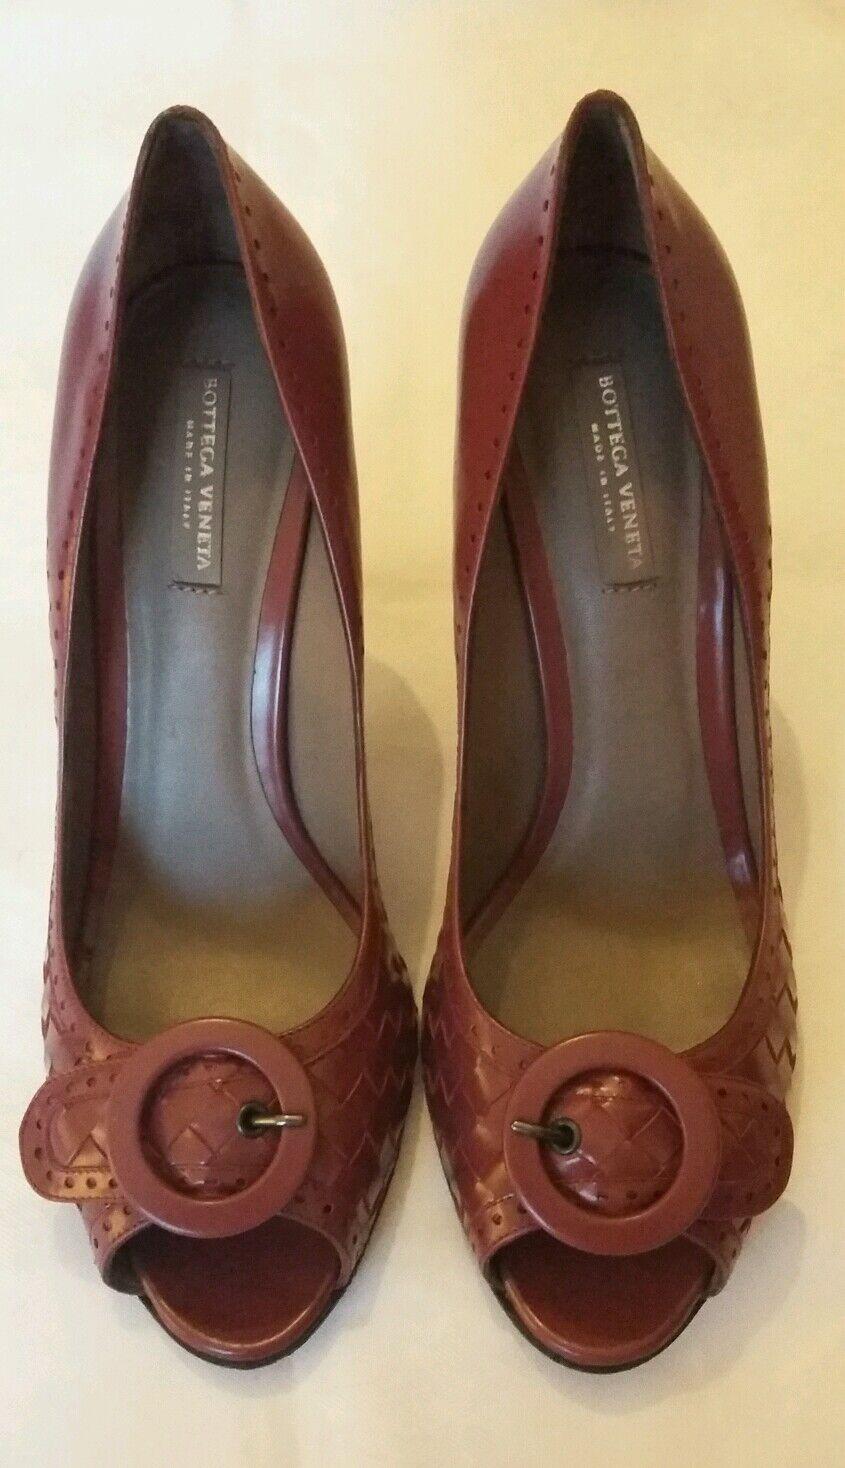 BOTTEGA VENETA Open Toe Intrecciato Pump Schuhe uk 7 eu 40 NEW  -